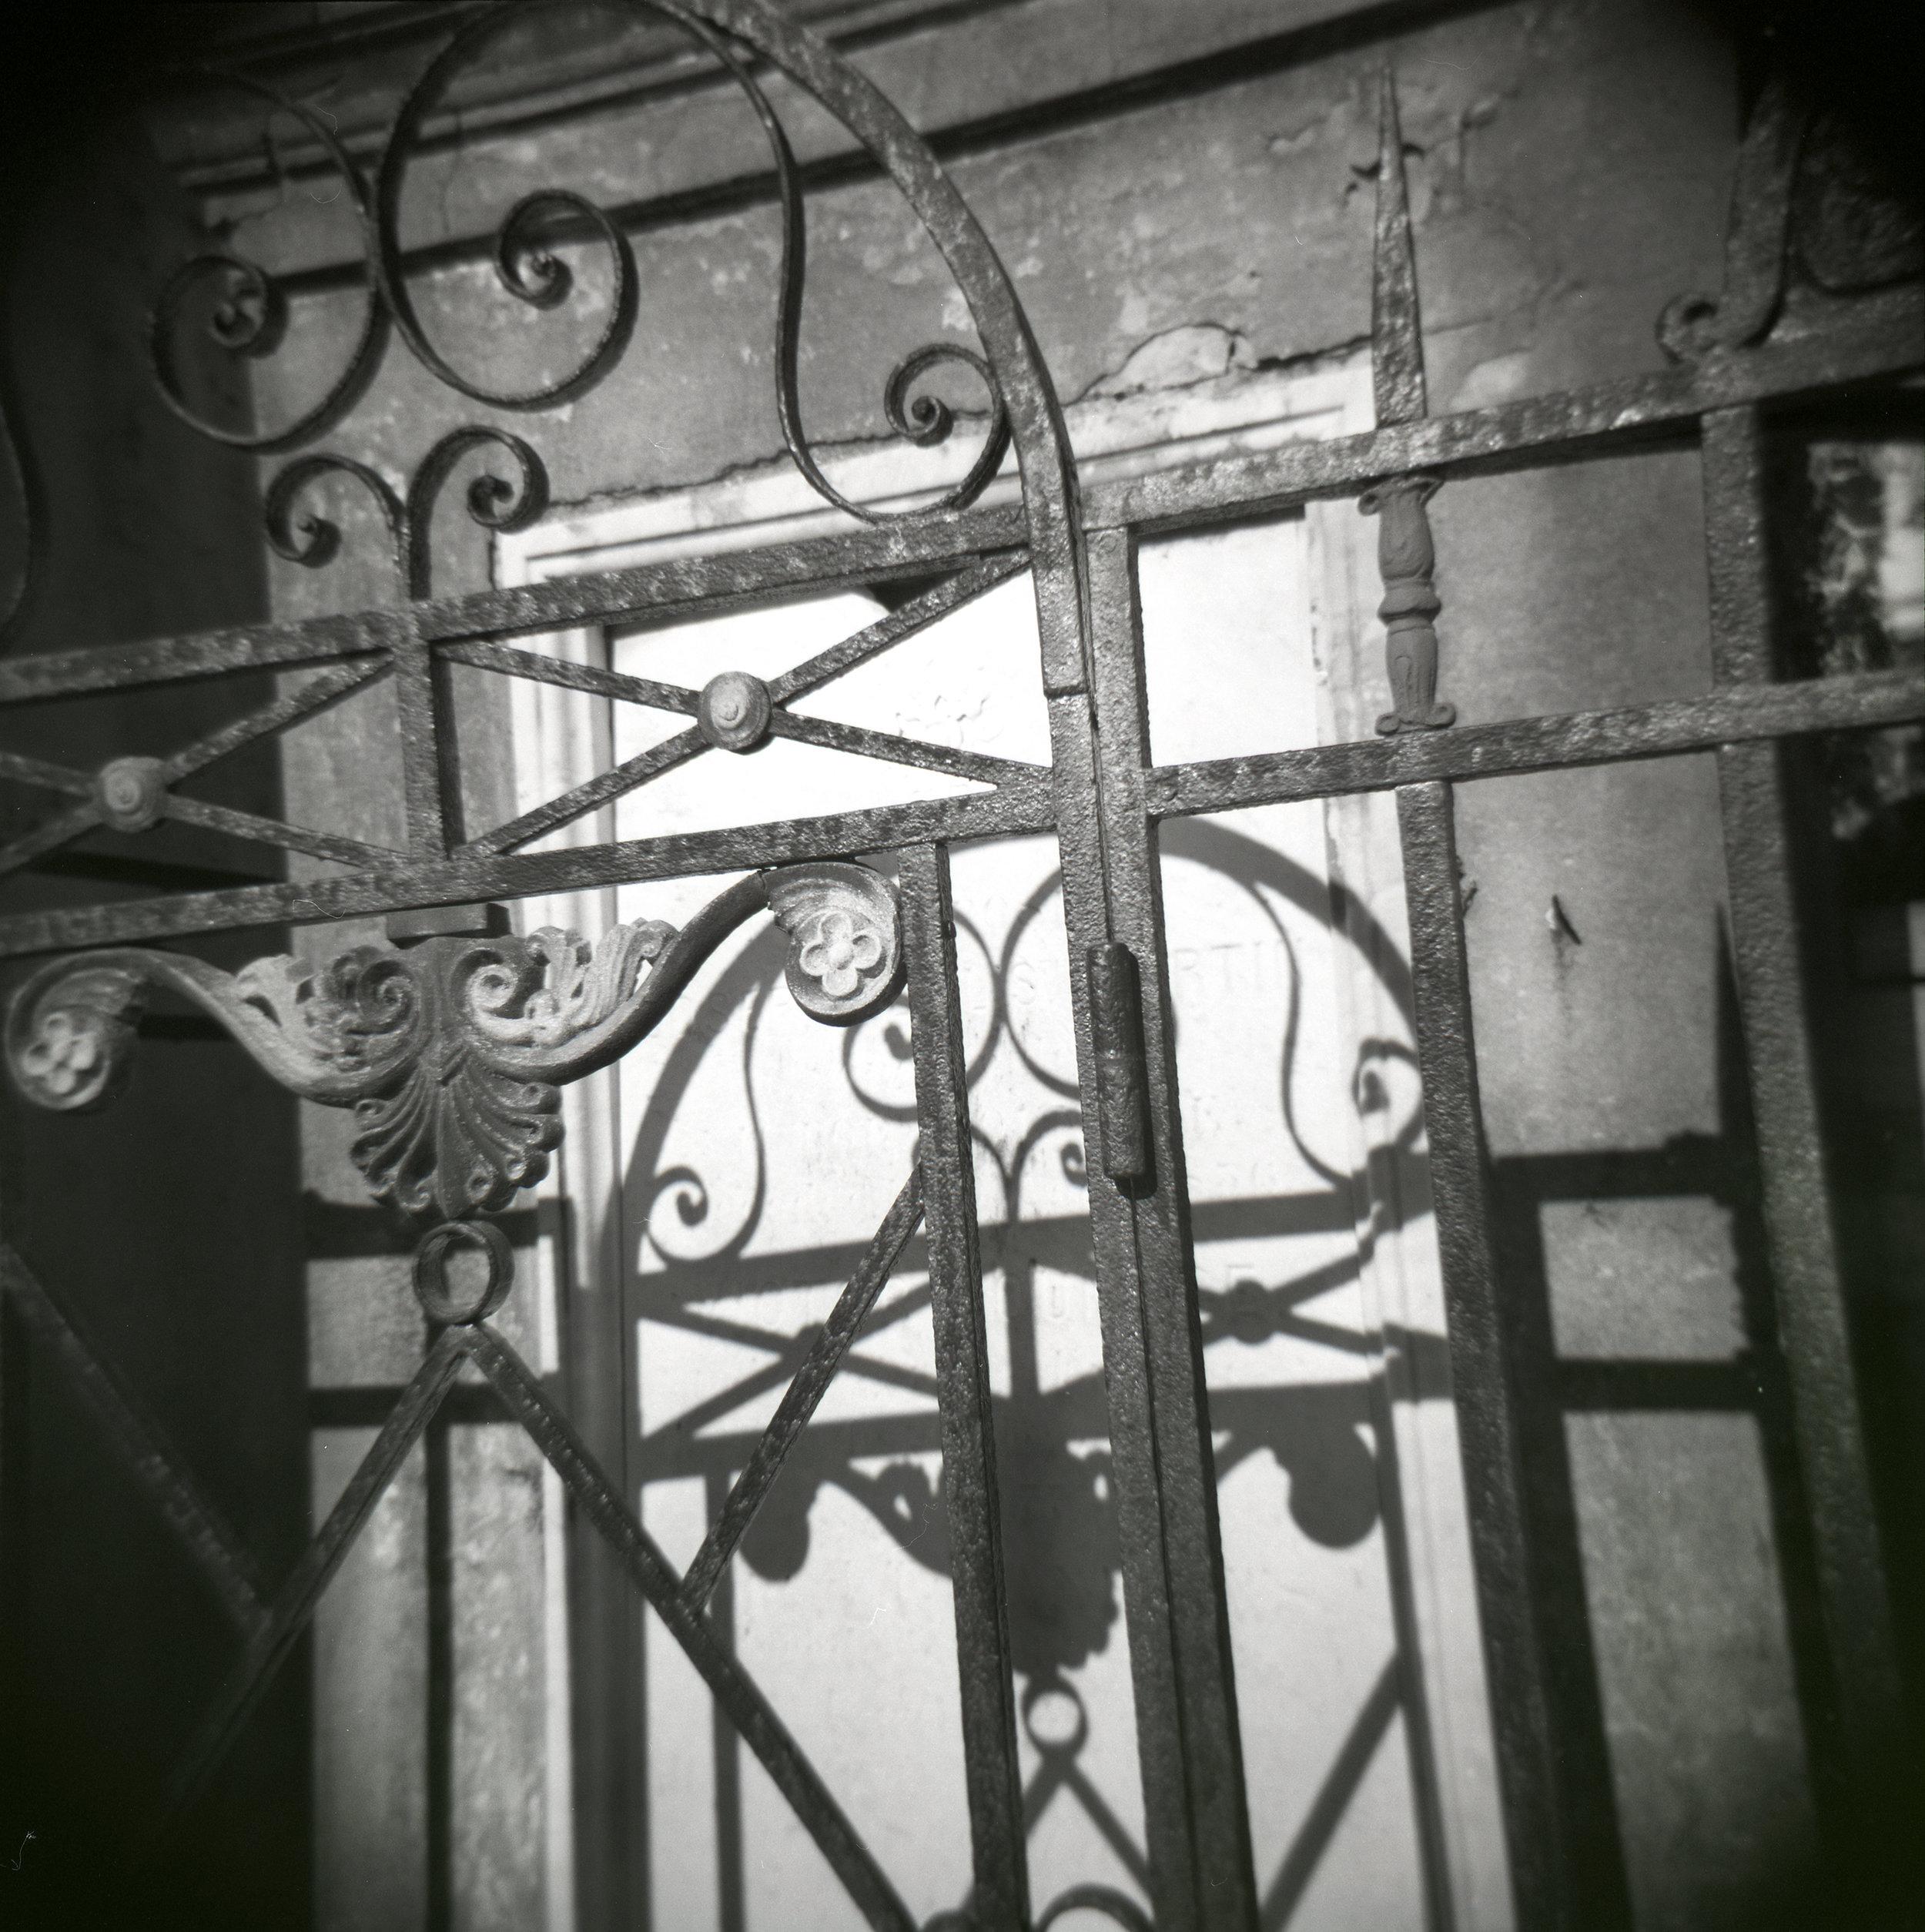 Iron Gate Detail, Black & White